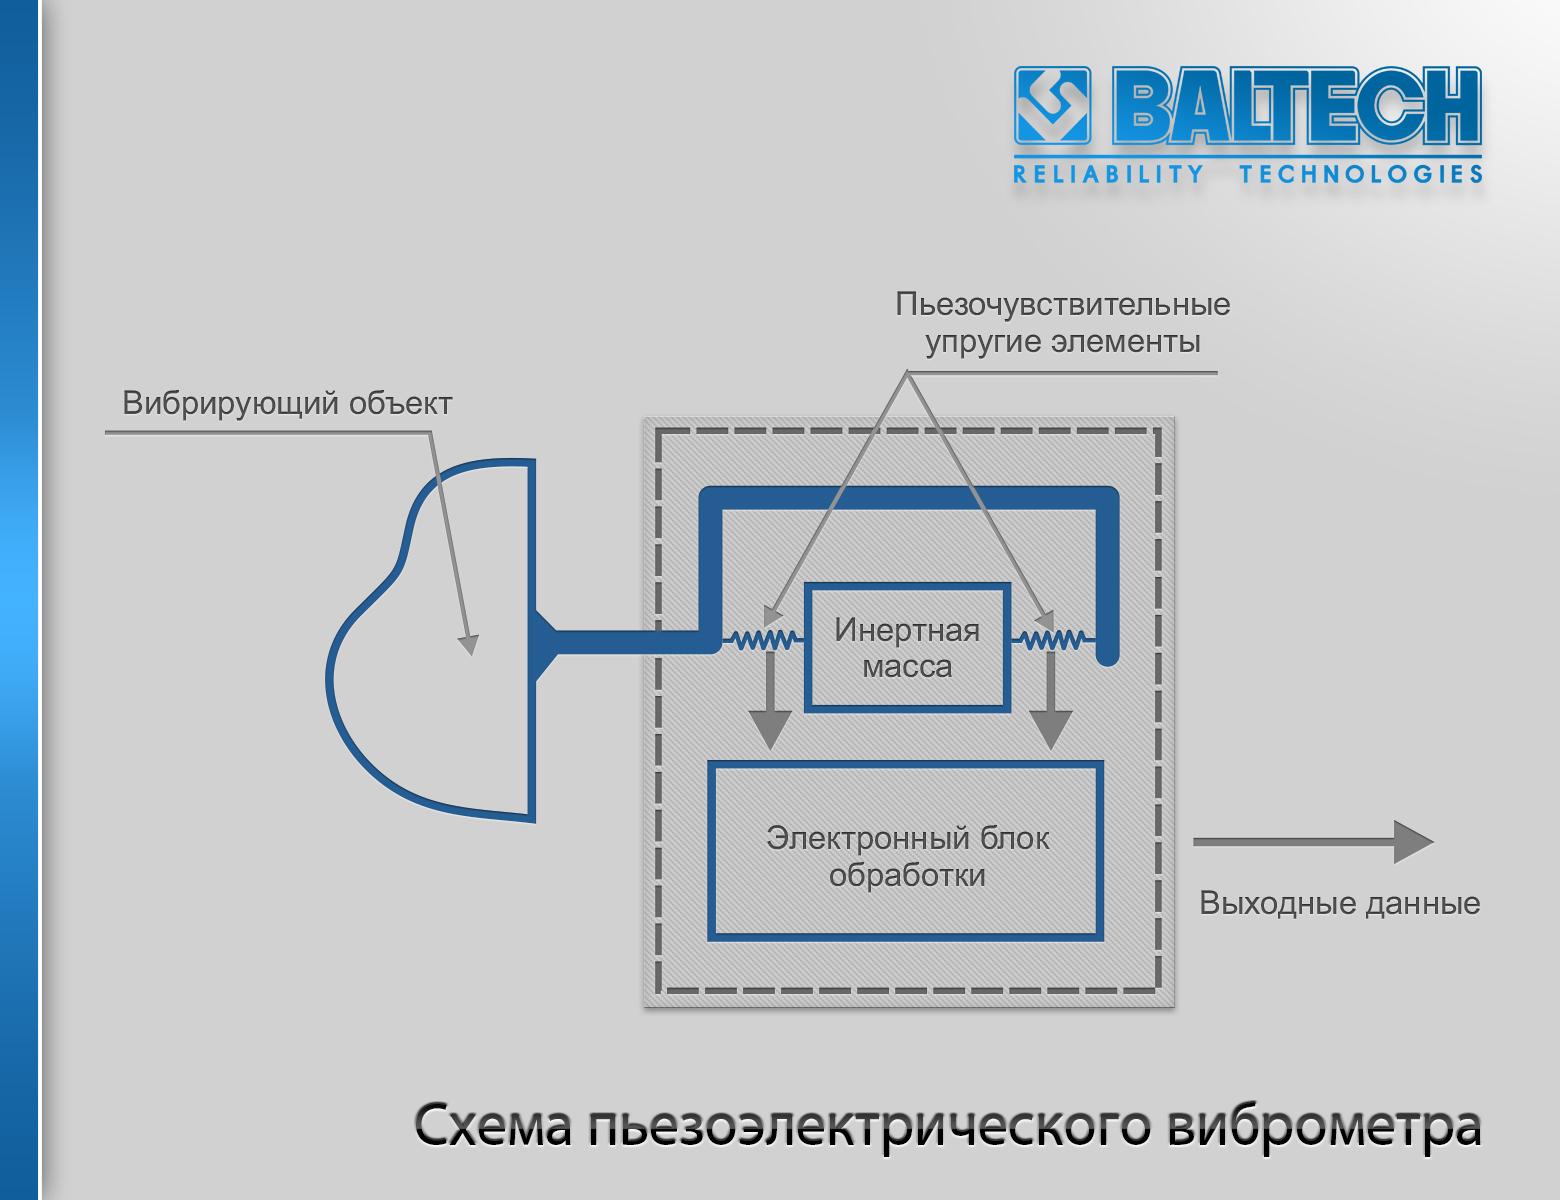 Схема пьезоэлектрического акселерометра, измерение вибрации, методы измерения вибрации, измерение вибрации акселерометром